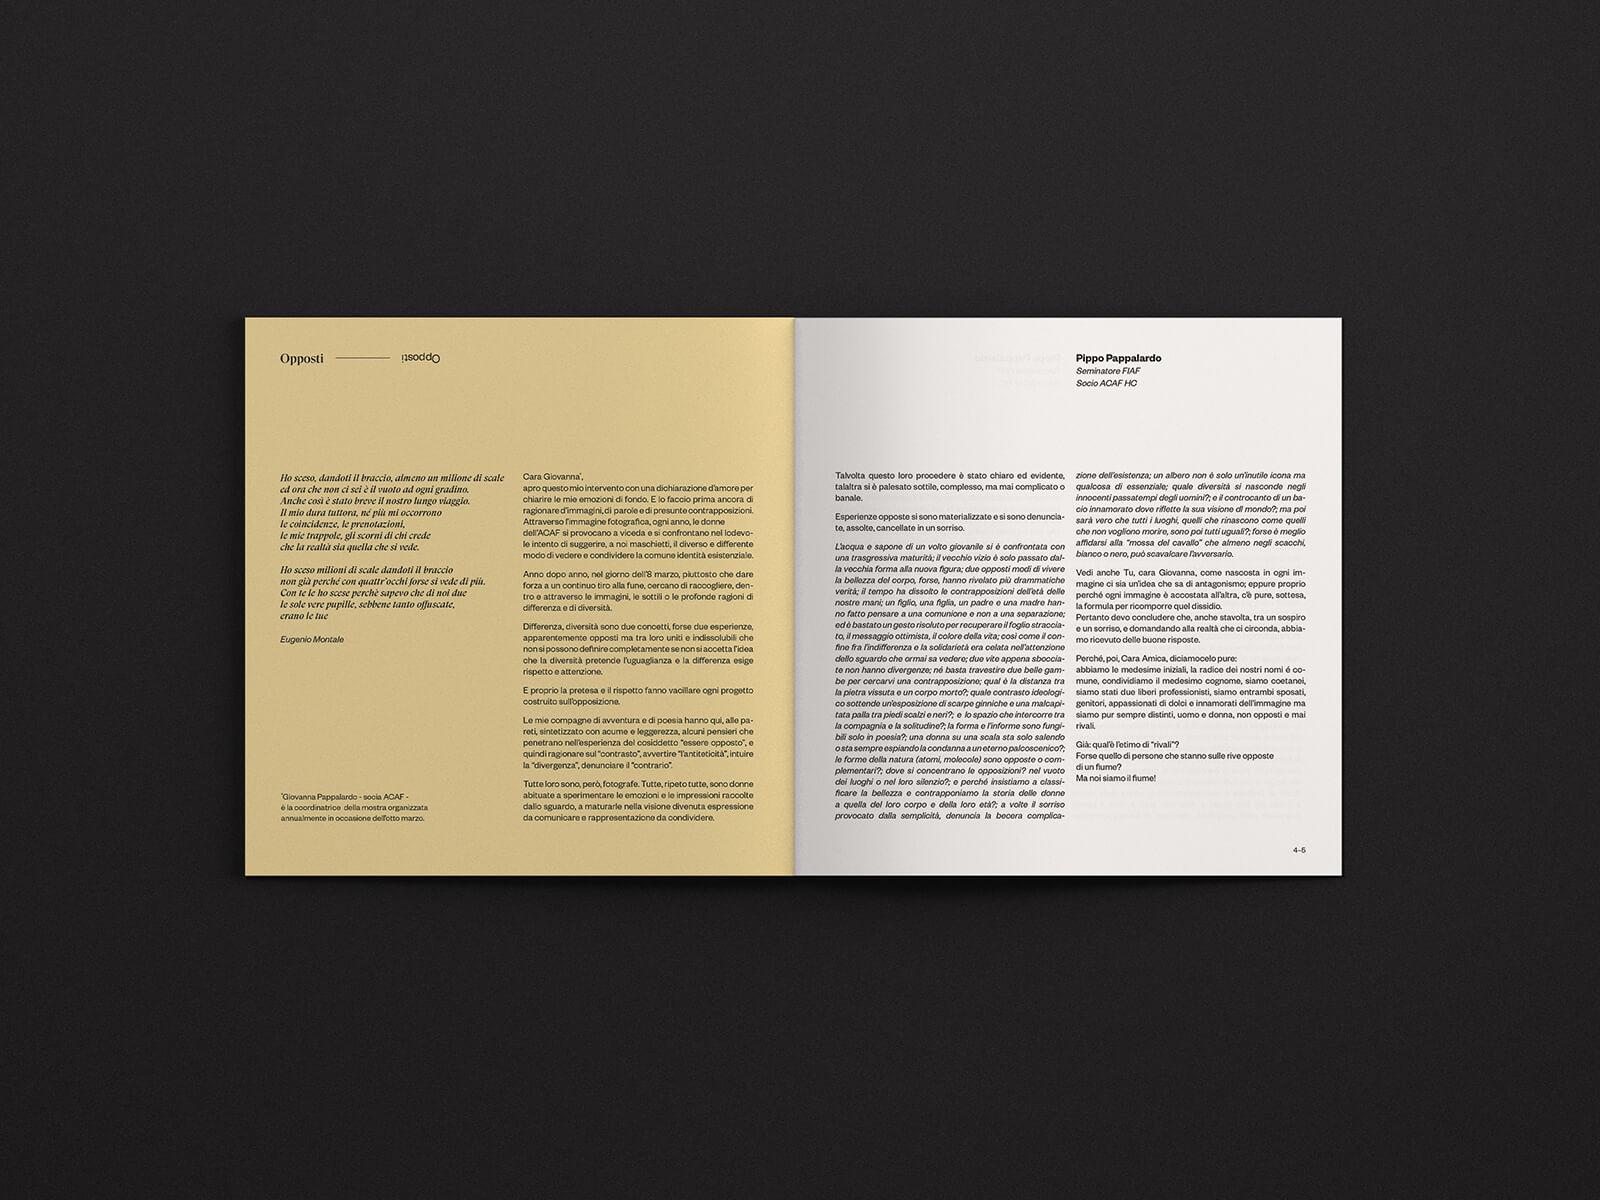 Opposti - Catalogo